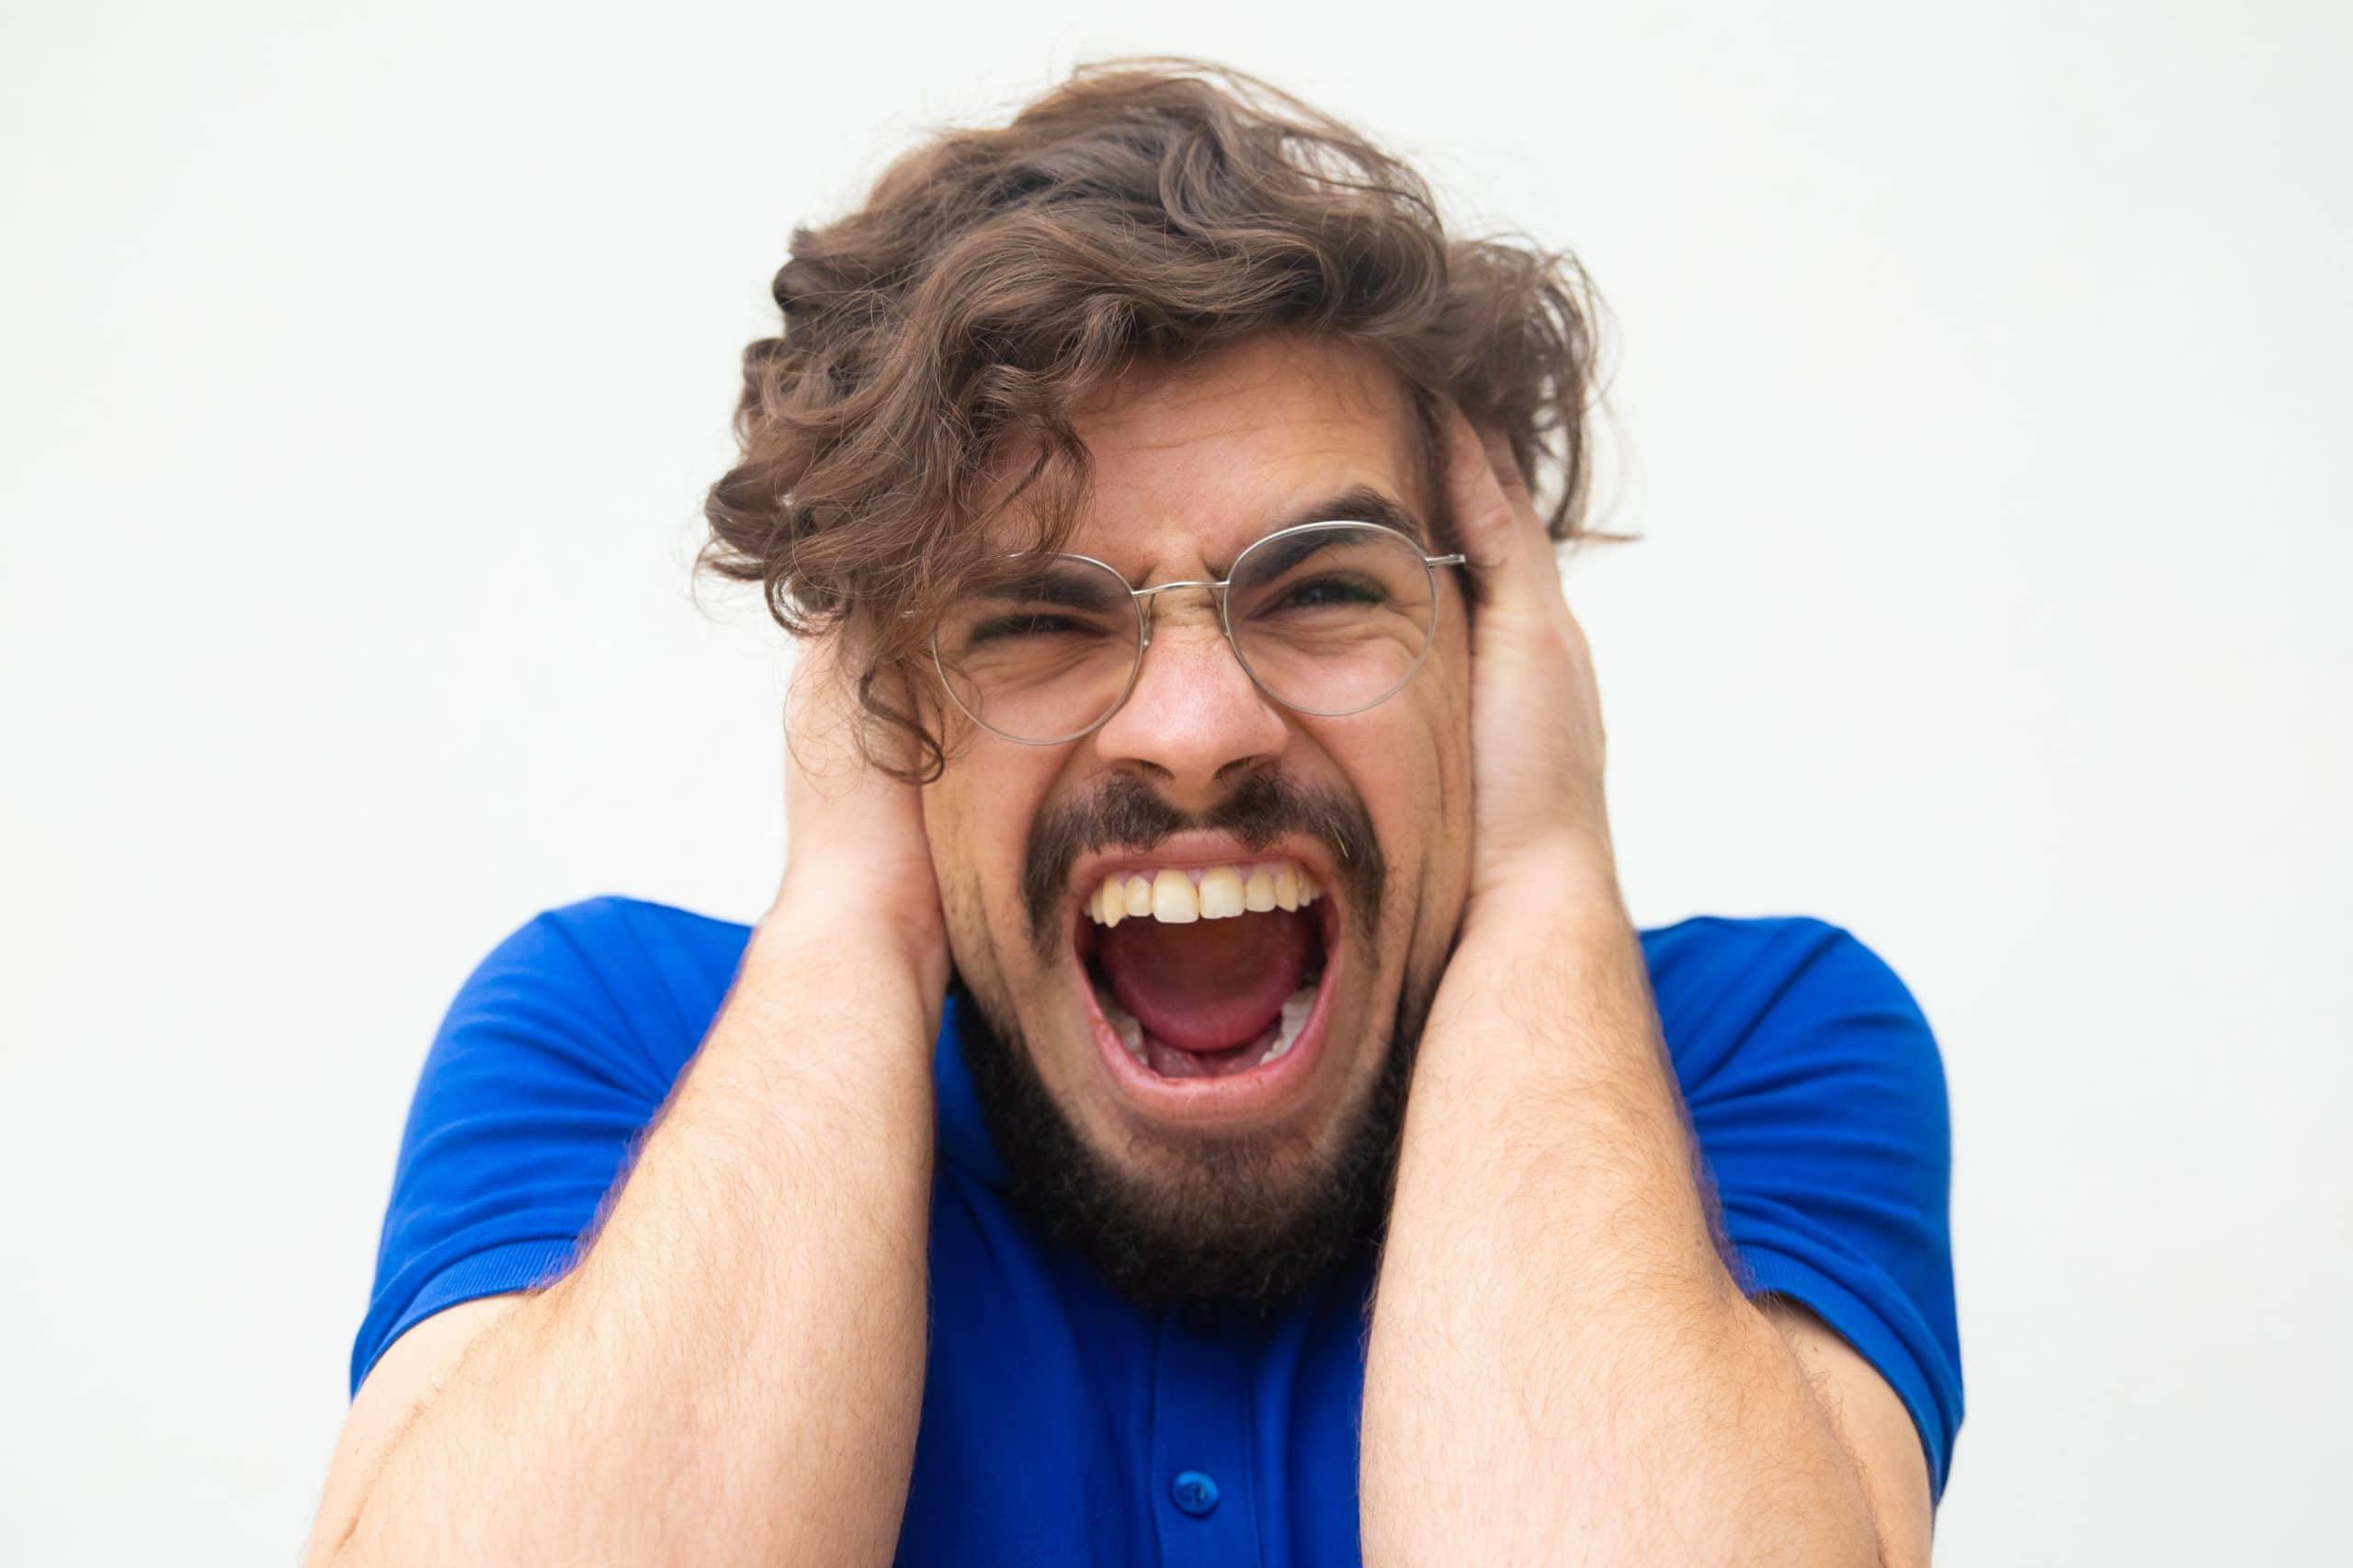 uomo con urla mentre ha attacco di panico